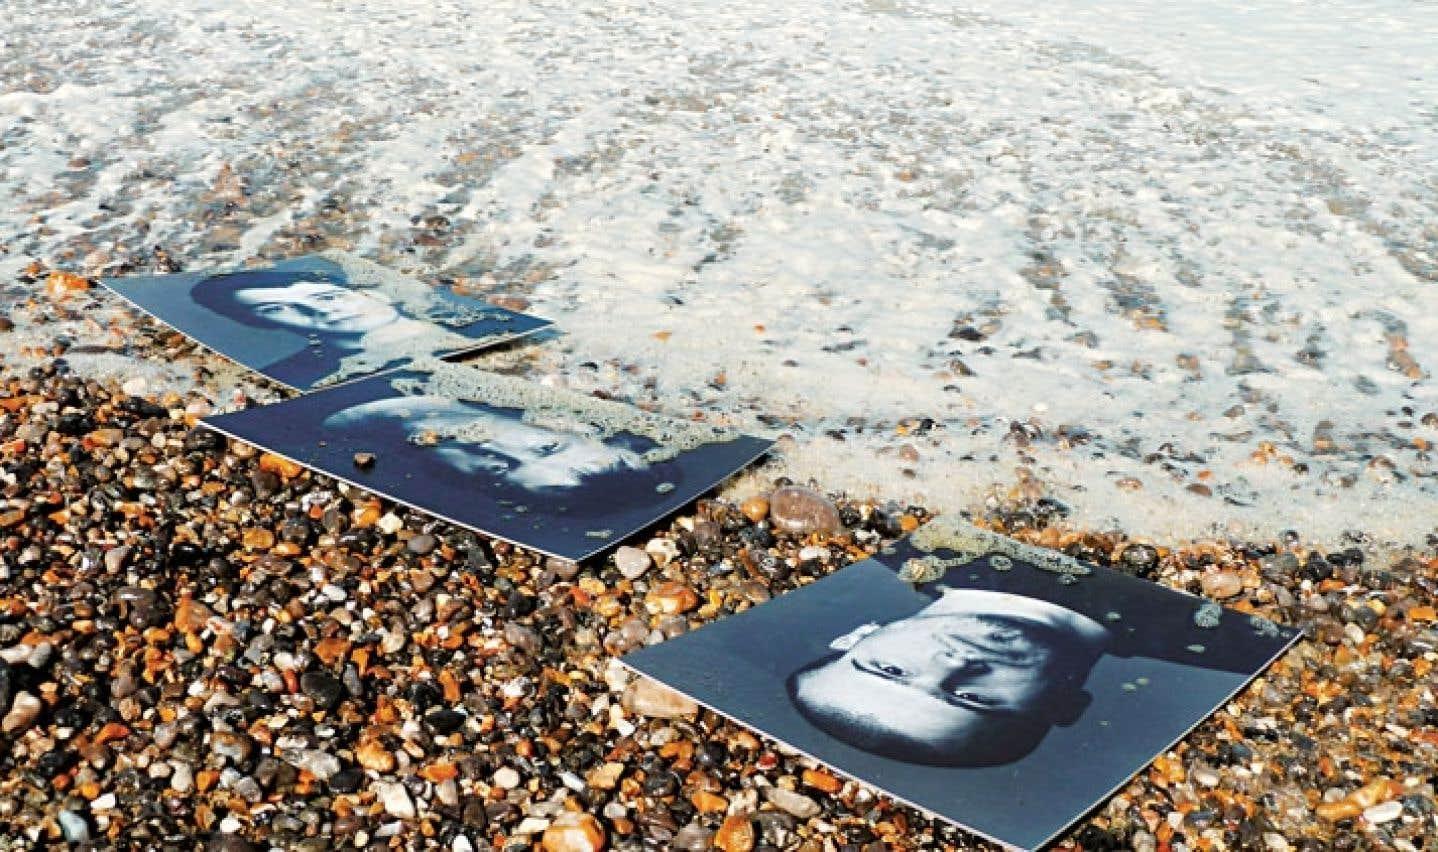 Les dix photojournalistes et artistes rencontrés par la documentariste nourrissent de leurs clichés la mer d'images qui baigne notre ère.